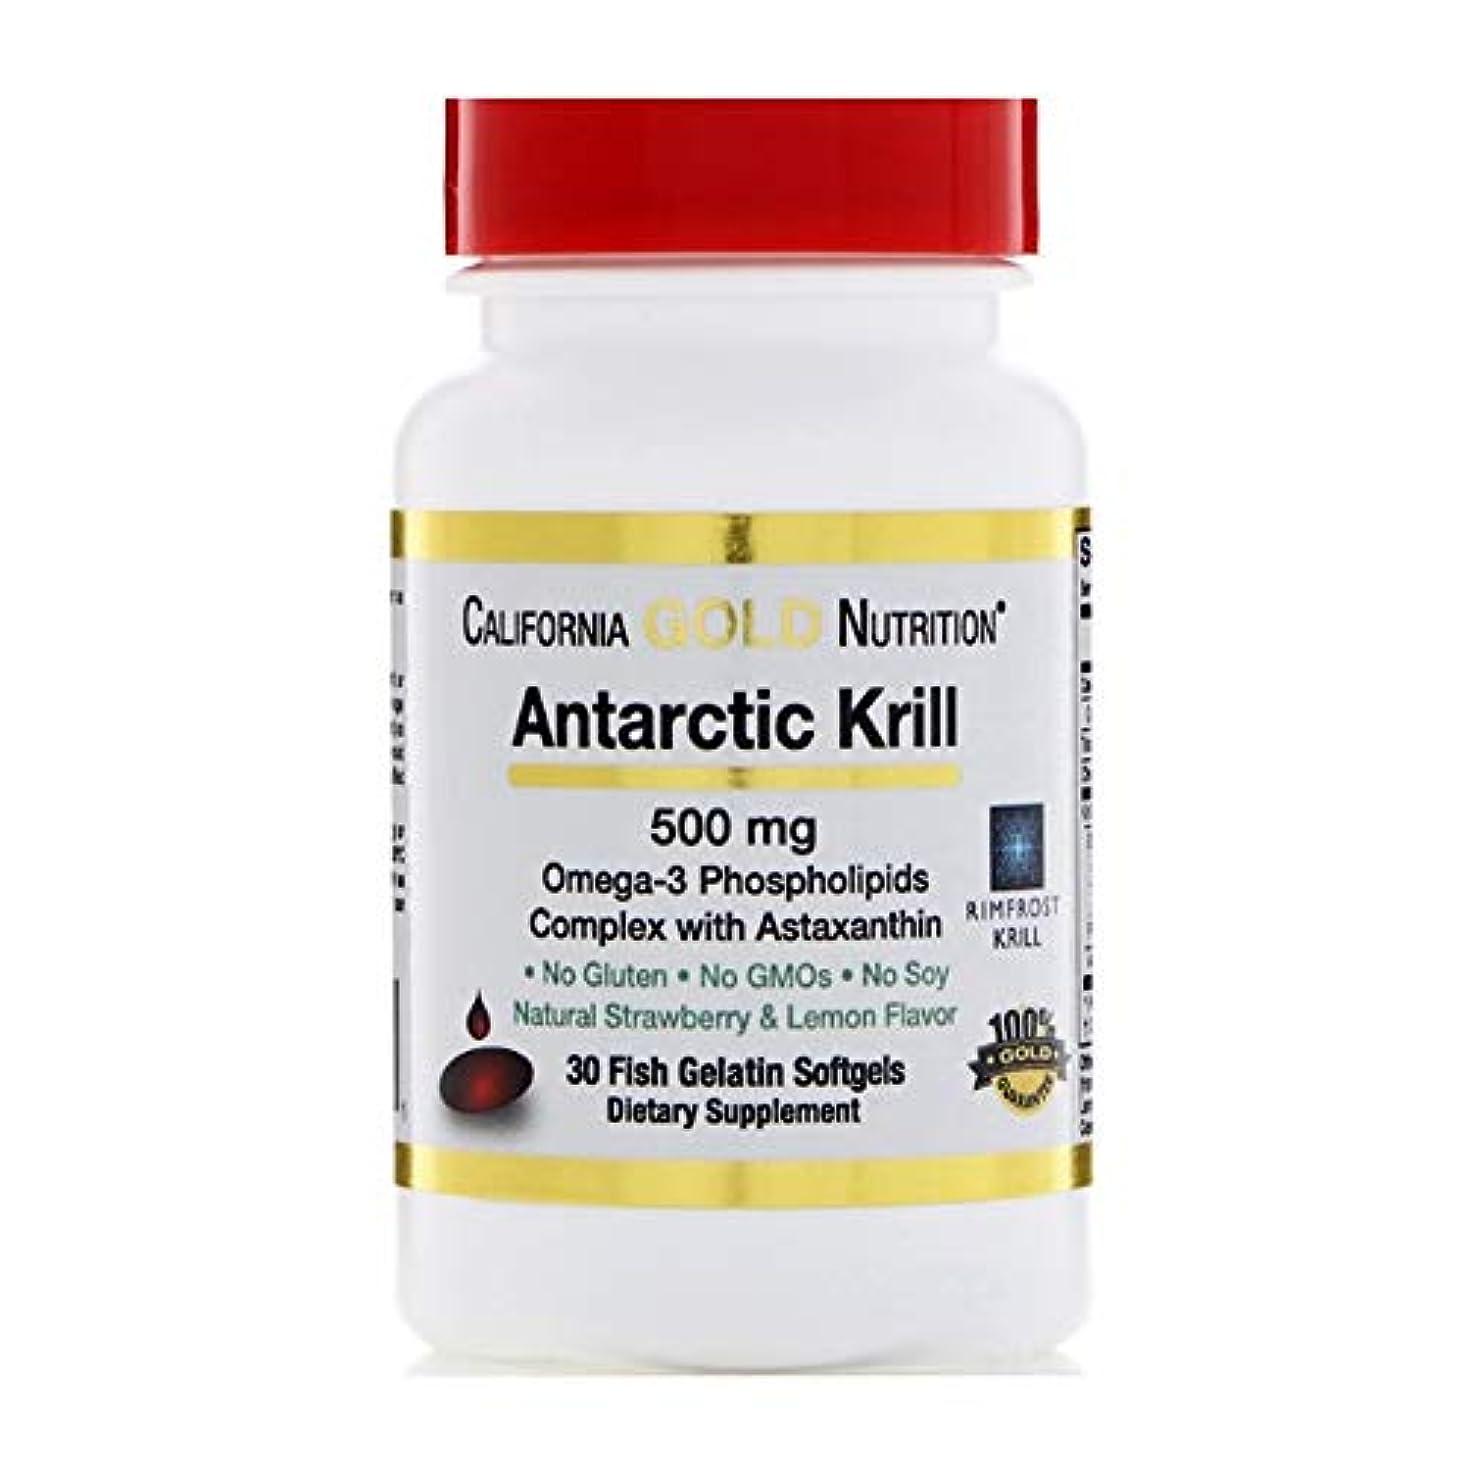 情報供給見習いCalifornia Gold Nutrition Antarctic Krill Oil アスタキサンチン配合 RIMFROST 天然イチゴ レモン味 500 mg フィッシュゼラチンソフトジェル 30粒 【アメリカ直送】